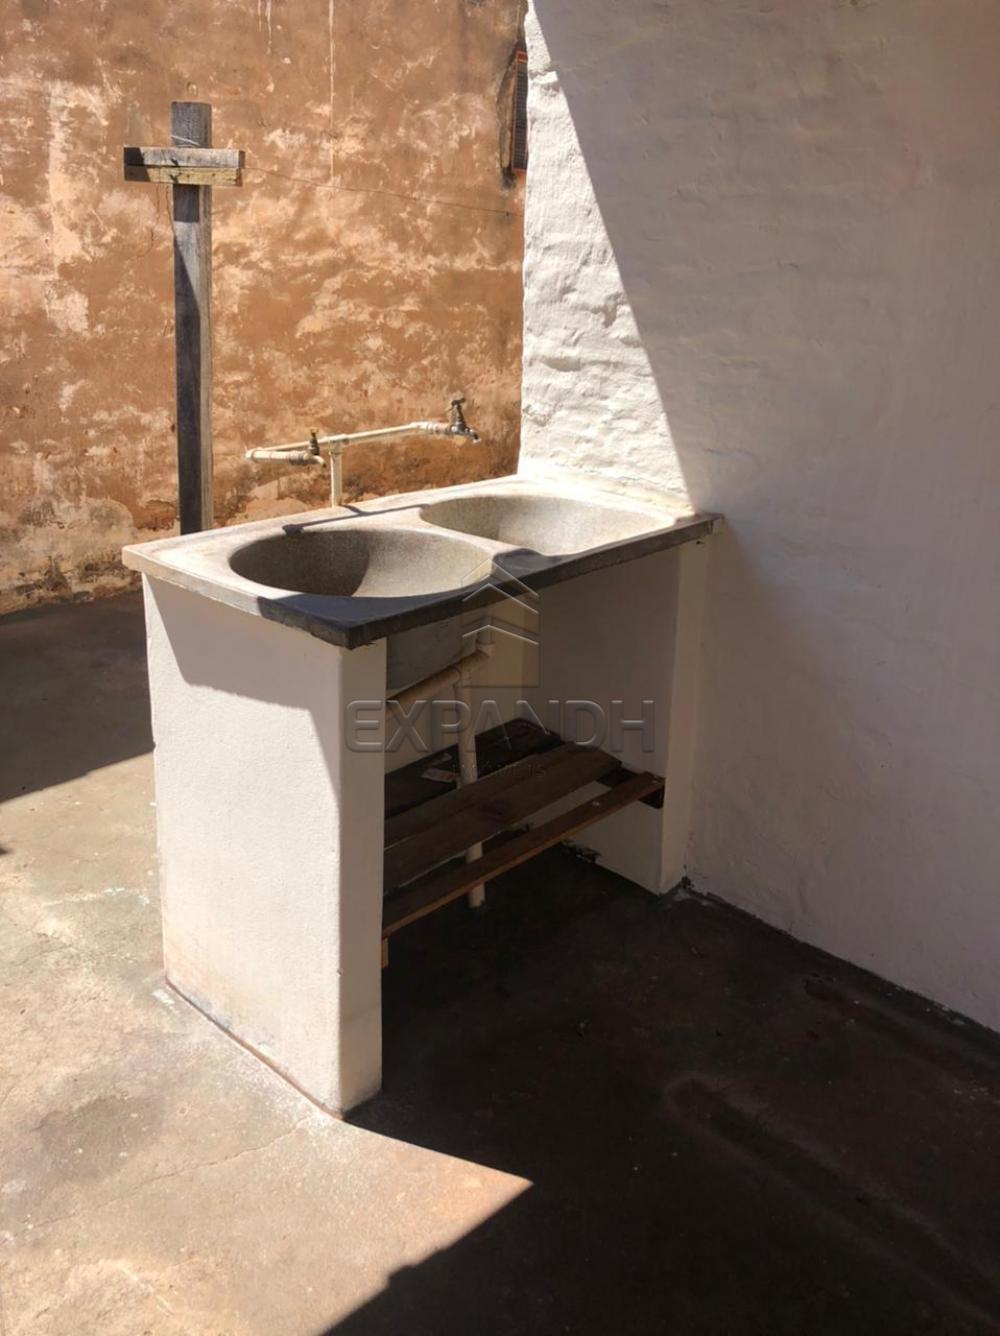 Alugar Casas / Padrão em Sertãozinho R$ 505,00 - Foto 4